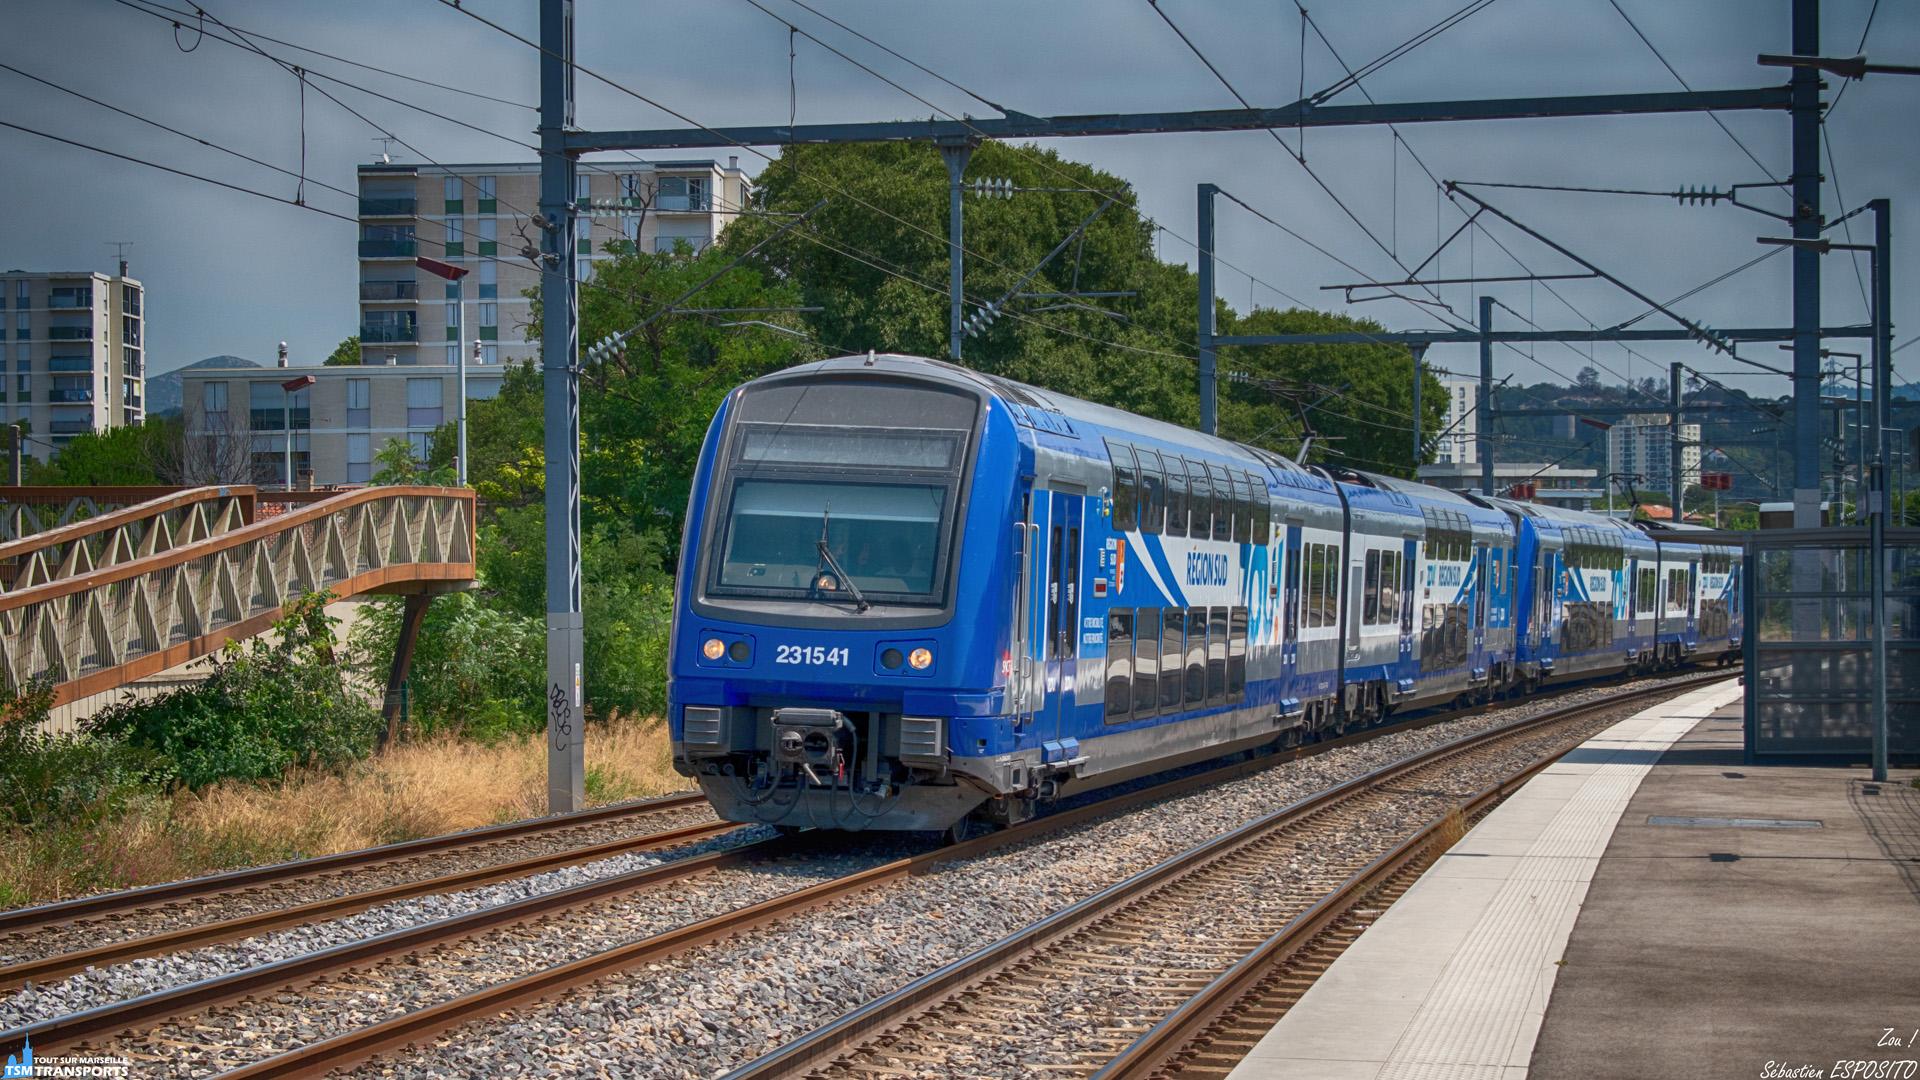 """Passage en gare de La Pomme, d'une UM2 de Z23500 fraîchement rénovées et équipées de la nouvelle livrée de la région Sud PACA portant le nom """"Zou!"""", Elles perdent également leurs baptême provençaux. . Elles s'apprêtent à franchir après la gare, le sectionnement électrique qui passe la tension de 25000 V à 1500 V et elles fileront ensuite vers Marseille Saint Charles, leurs terminus. . ℹ️ GEC Alstom Z23500 (Z23541 + Z23540) en UM TER PACA SNCF. . 👶 Baptisée respectivement Cheiron et Maures. . 📍 Gare de La Pomme, Boulevard Pierre Ménard, 11eme arrondissement de Marseille. . ➡️ Marseille Saint Charles. . 🛤️ Ligne Marseille - Vintimille. . 😊 Merci au conducteur de nous avoir salué lors de son passage. . 📖 Cheiron (Montagne de) : est située dans le département des Alpes-Maritimes, dans les Préalpes de Castellane. Son sommet principal est la cime du Cheiron à 1 778 mètres d'altitude. C'est le point culminant de l'arrondissement de Grasse. . 📖²  Maures (Massif des) : est une petite chaîne de montagne du sud de la France, située dans le département du Var, entre Hyères et Fréjus. Son point culminant, le signal de la Sauvette, atteint 780 m . 📸 Nikon D5600. . 📷 Nikkor 18-55mm. . 📅 22 Juillet 2019 à 12:47."""